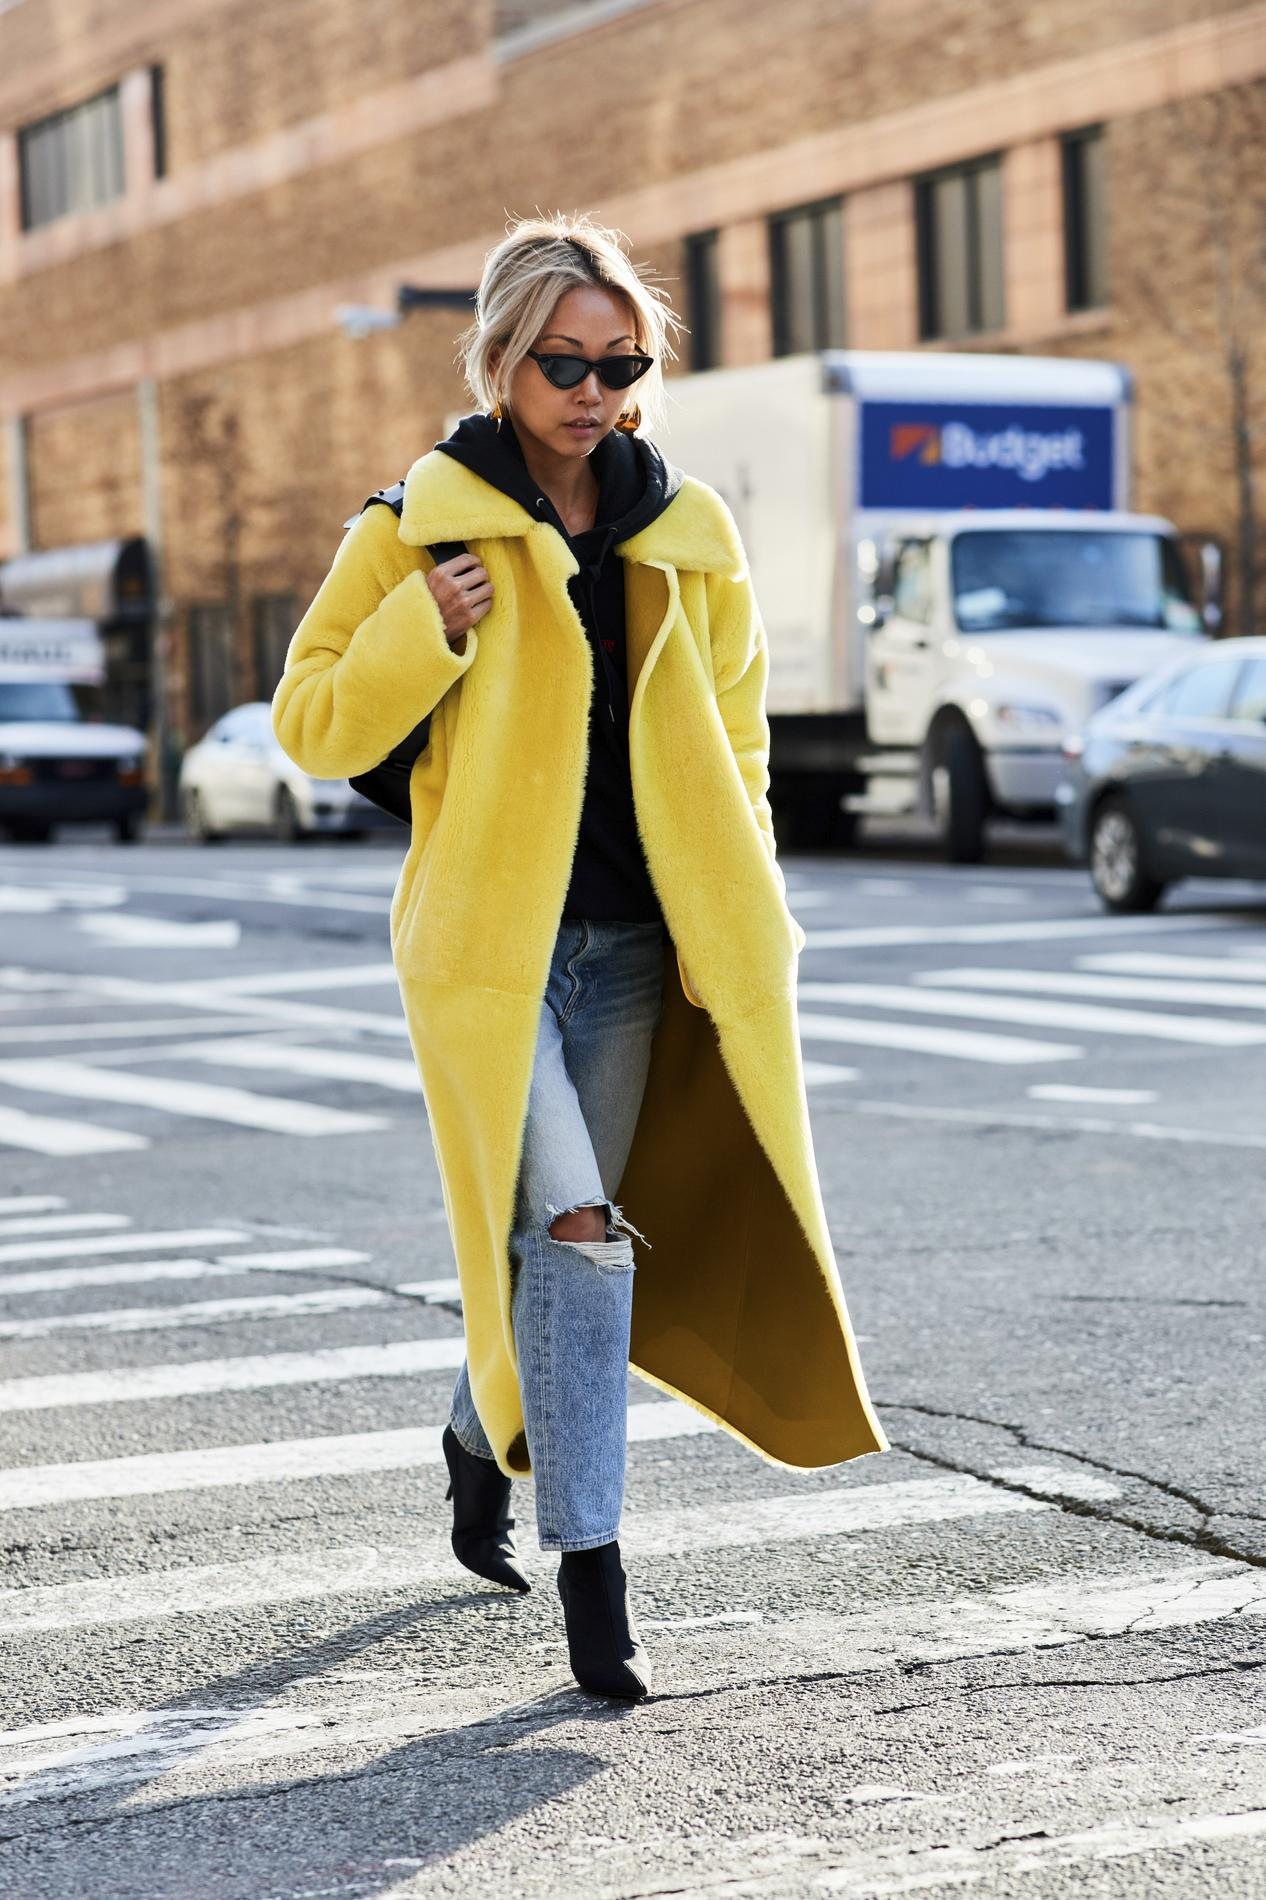 b576fb0cb7a9d ... L'art de porter le sweat à capuche en mode Street Style - La juste dose  de nonchalance ...